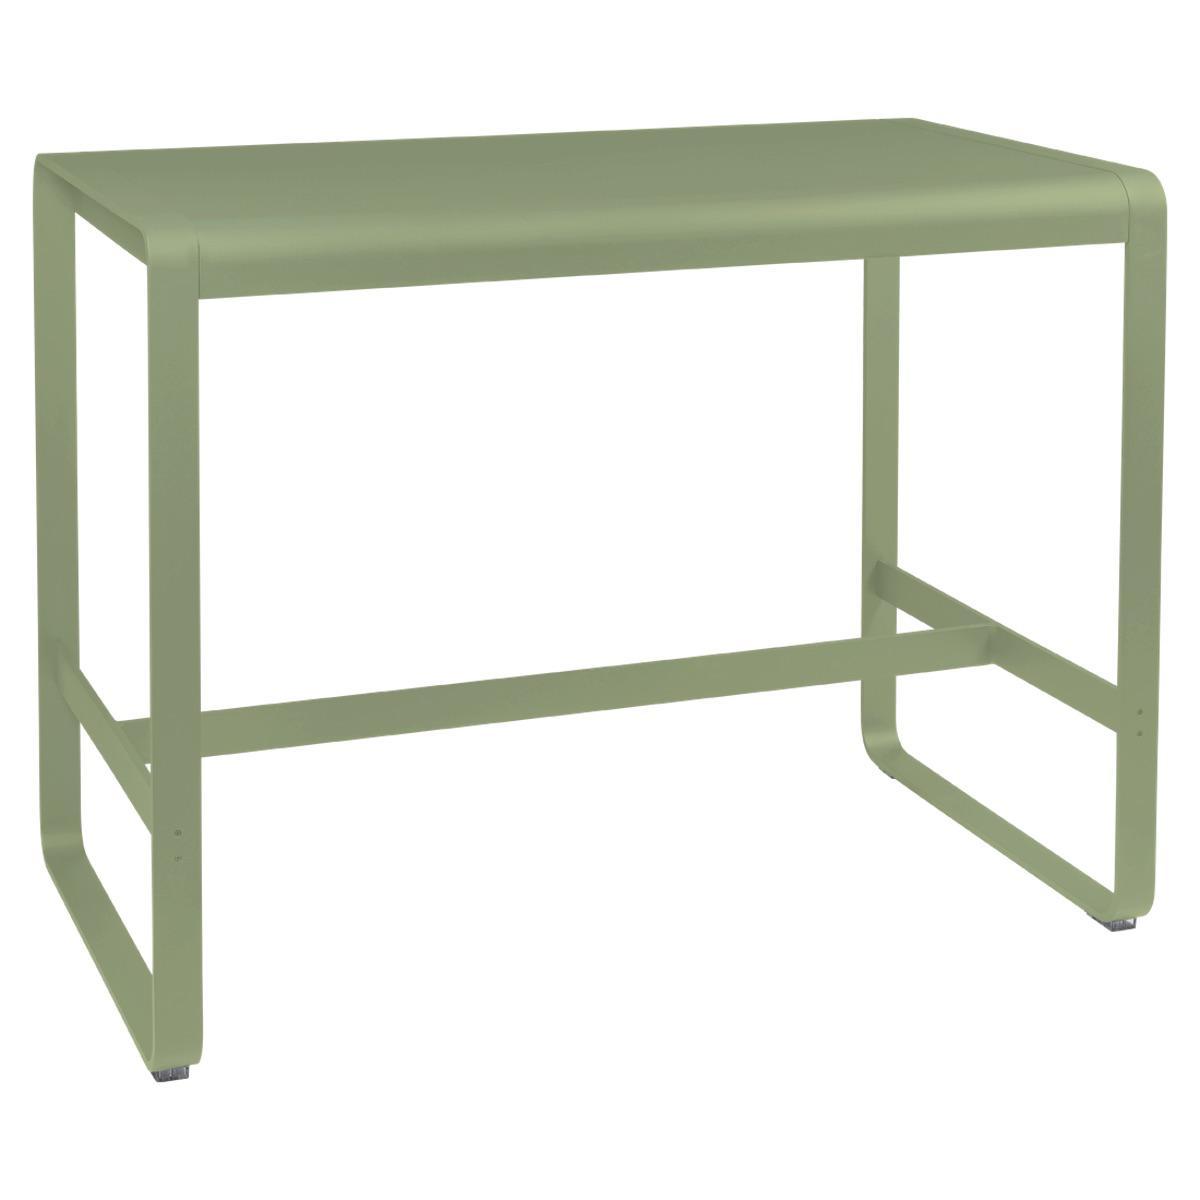 Table haute 80x140cm BELLEVIE Fermob tilleul